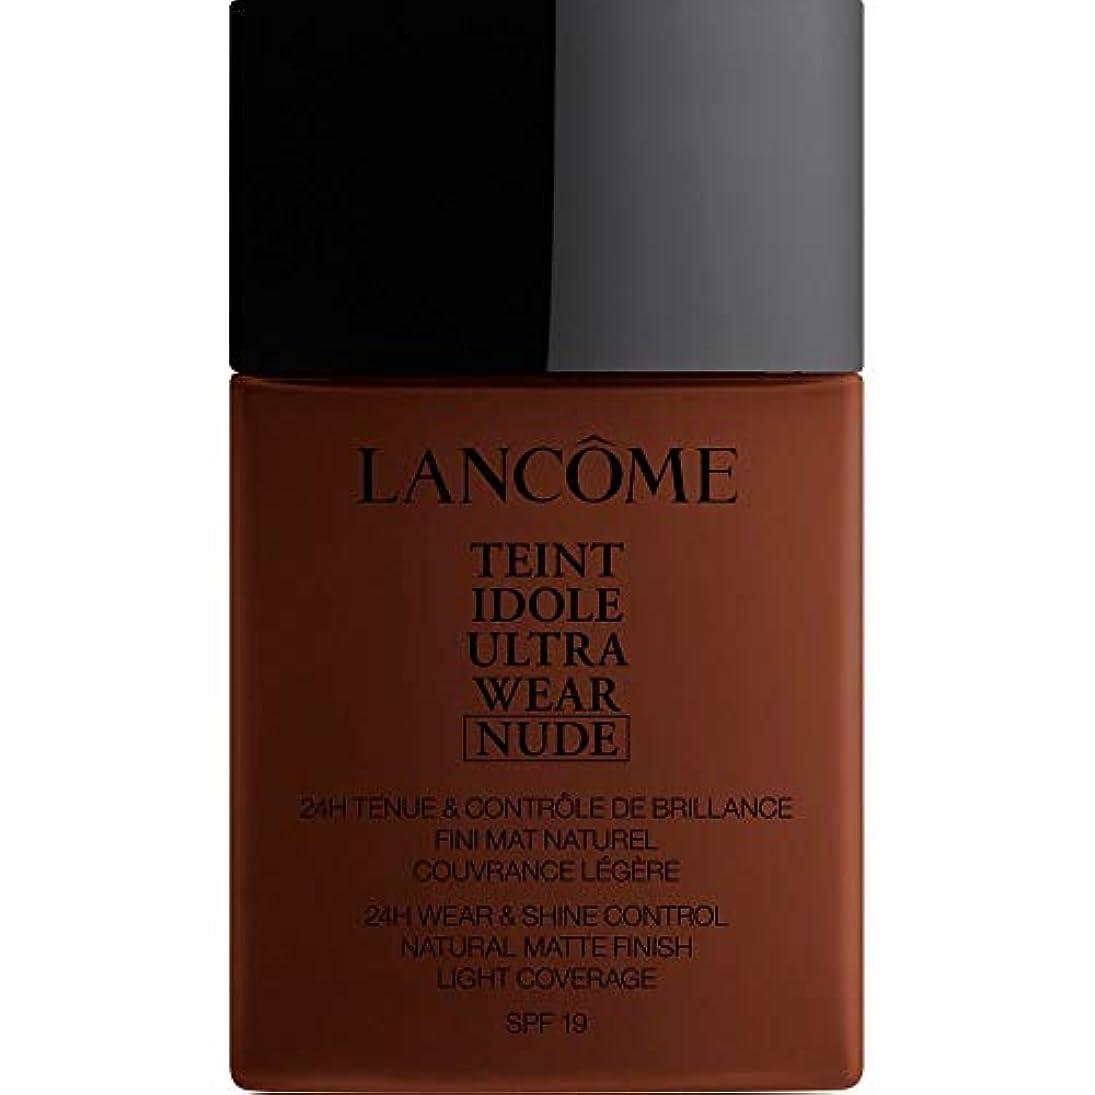 仕事ビット自慢[Lanc?me ] ランコムTeintのIdole超摩耗ヌード財団Spf19の40ミリリットル15 - 真岡 - Lancome Teint Idole Ultra Wear Nude Foundation SPF19...